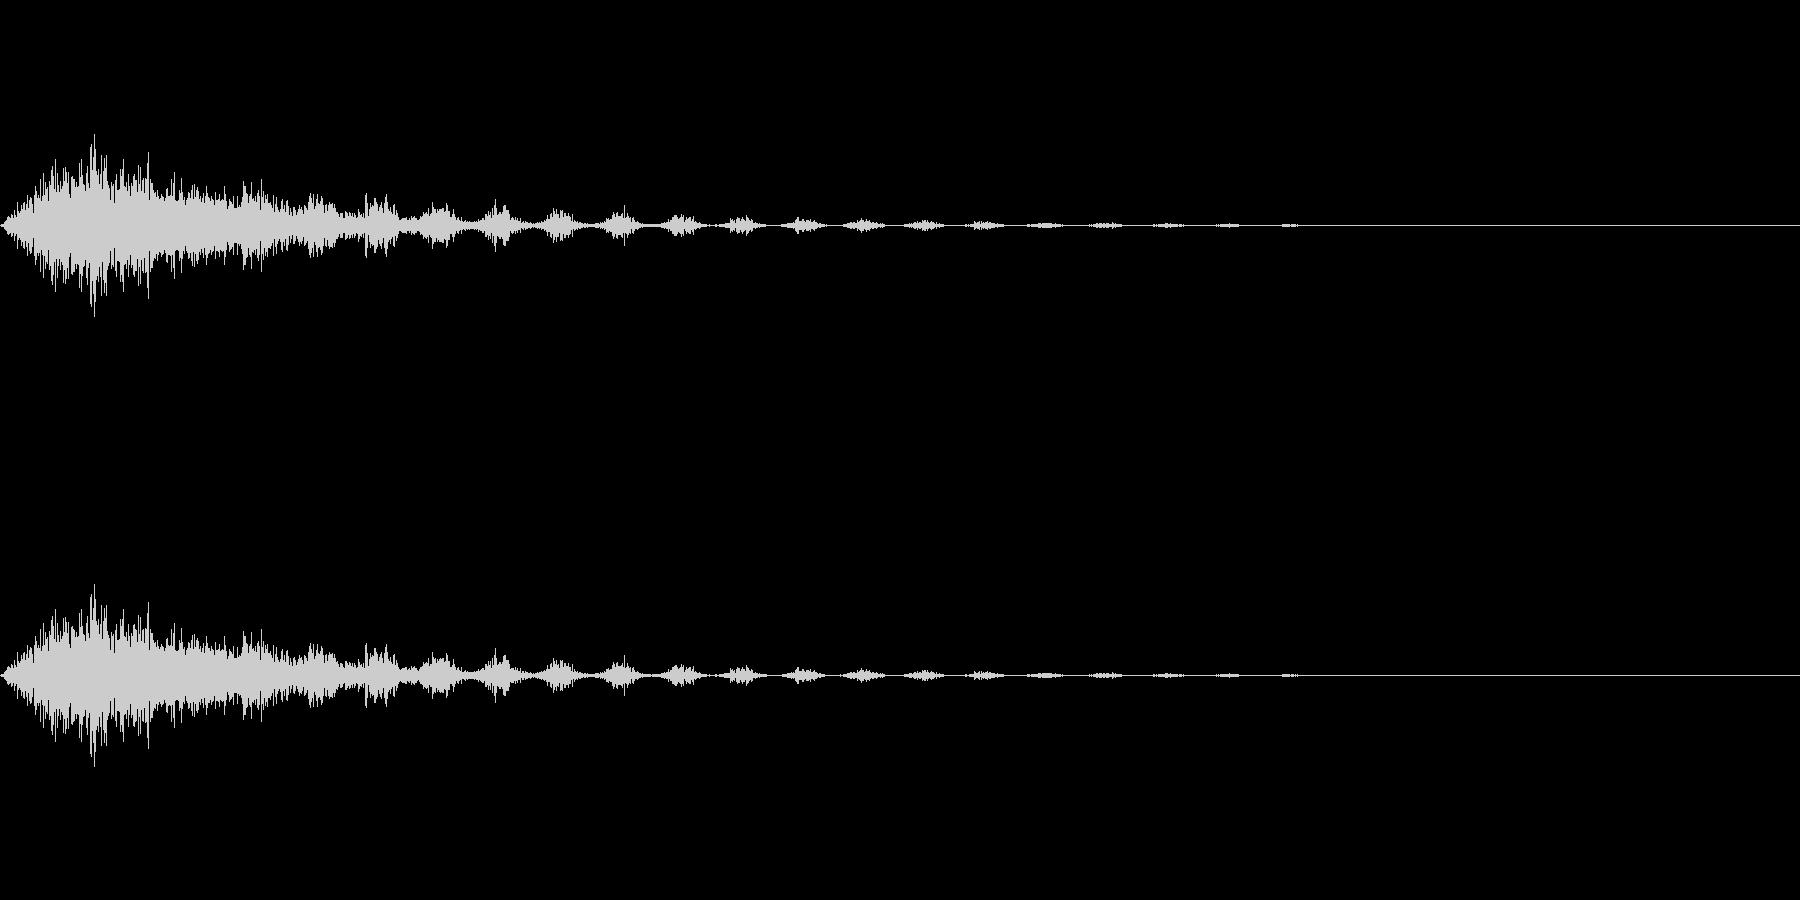 ダッシュ/移動/逃げる/コミカルの未再生の波形